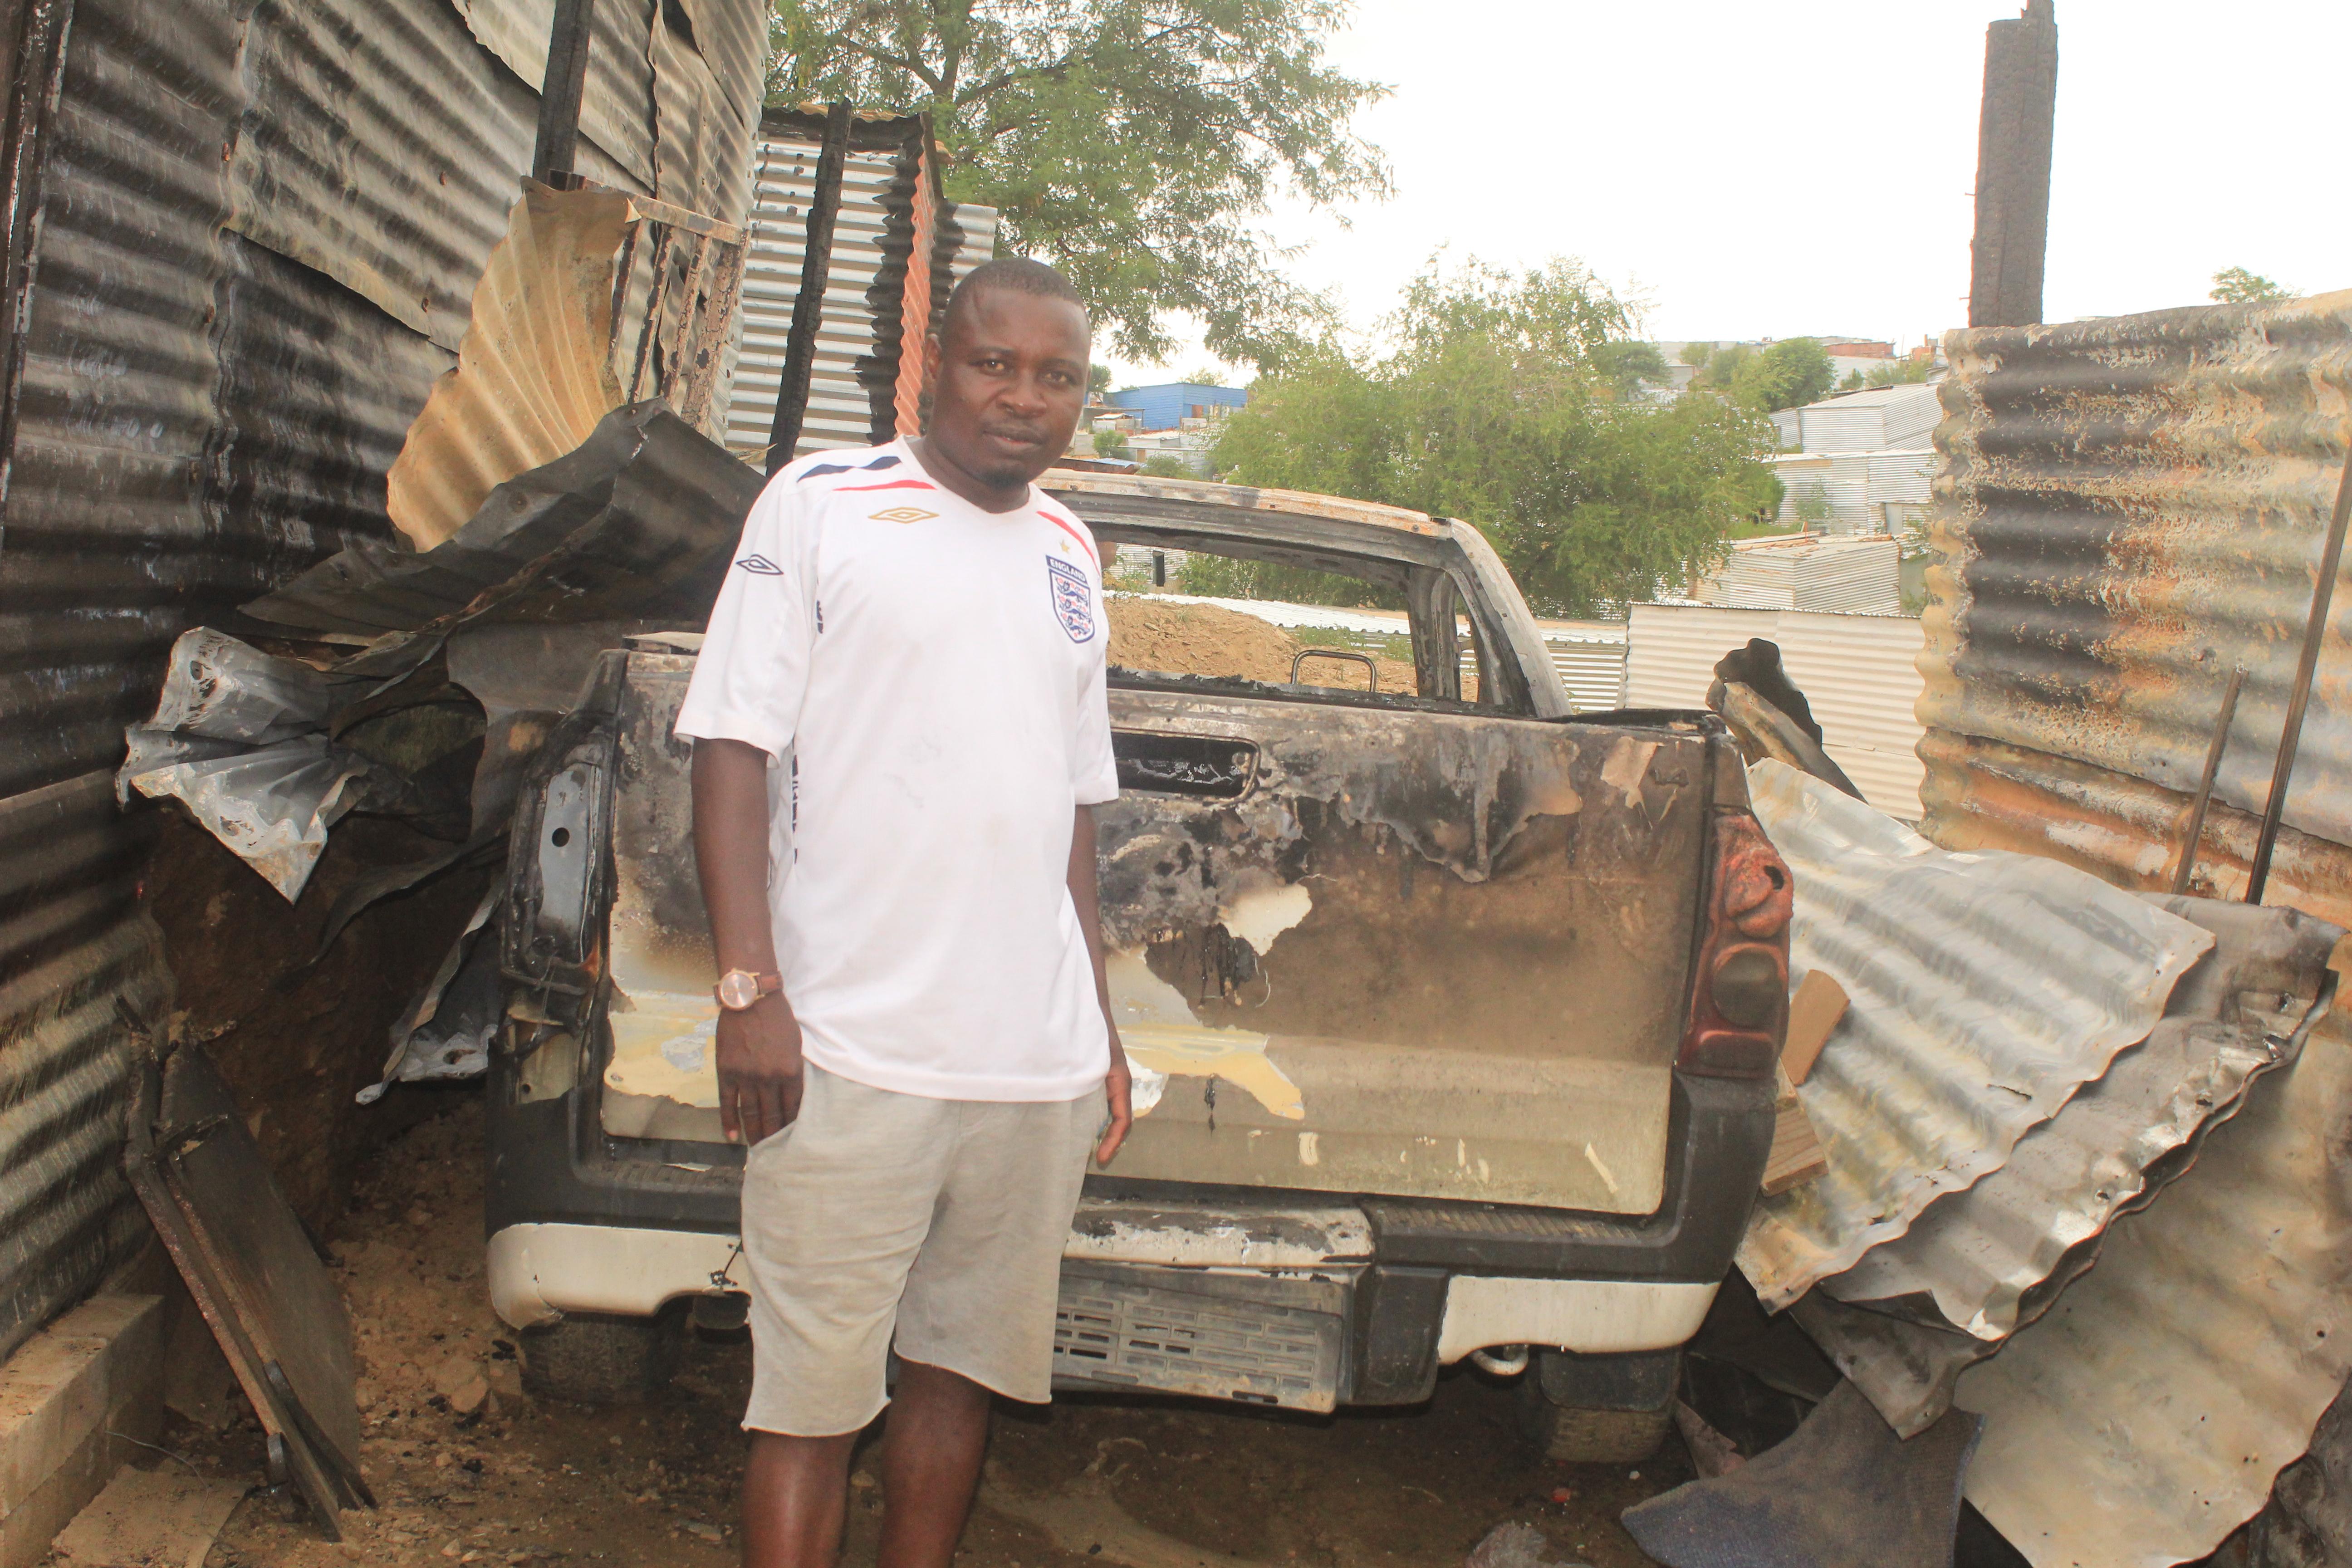 Shack fire leaves man homeless